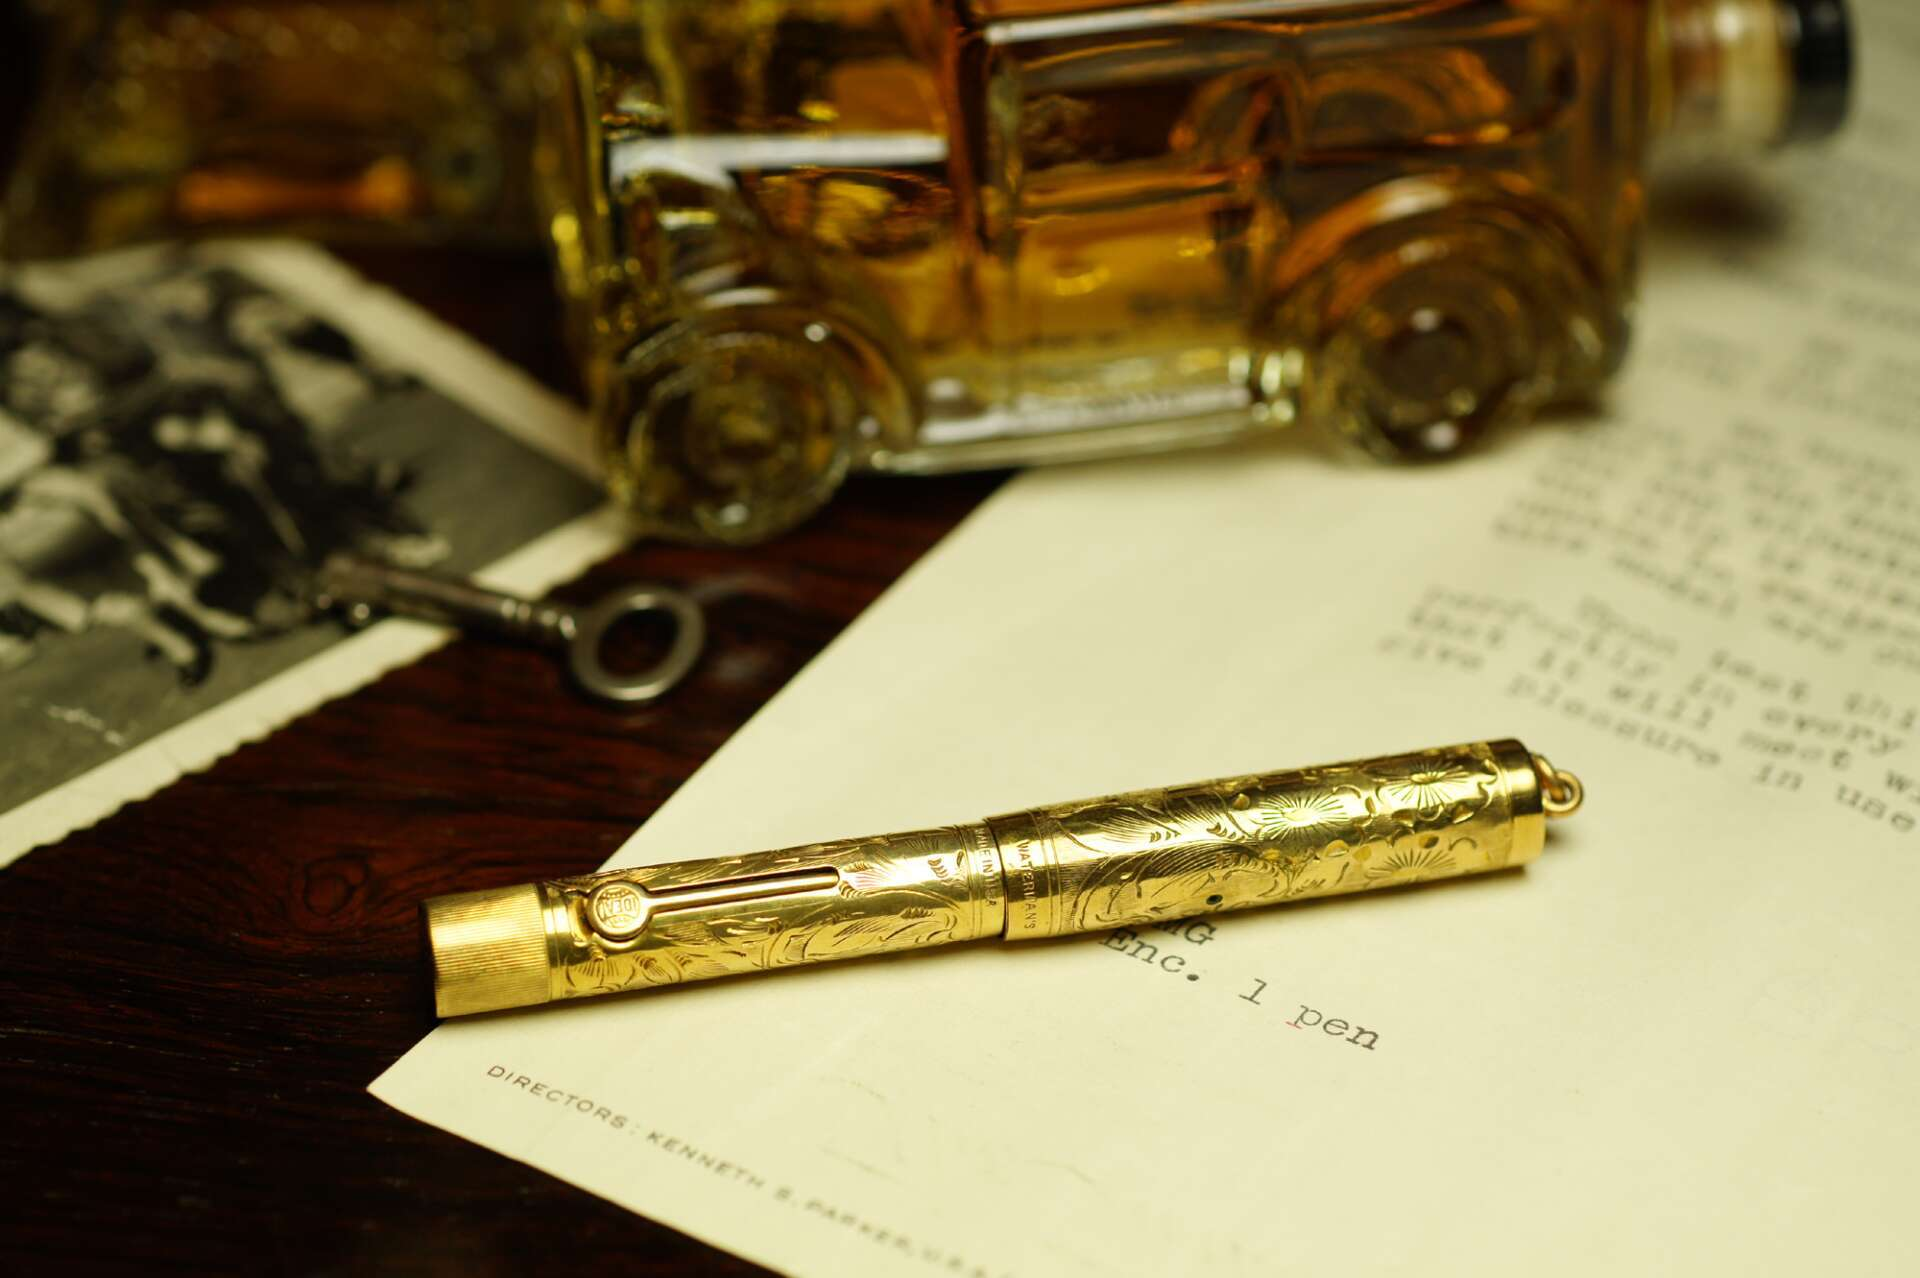 pastpens.com vintage fountain pen heritage